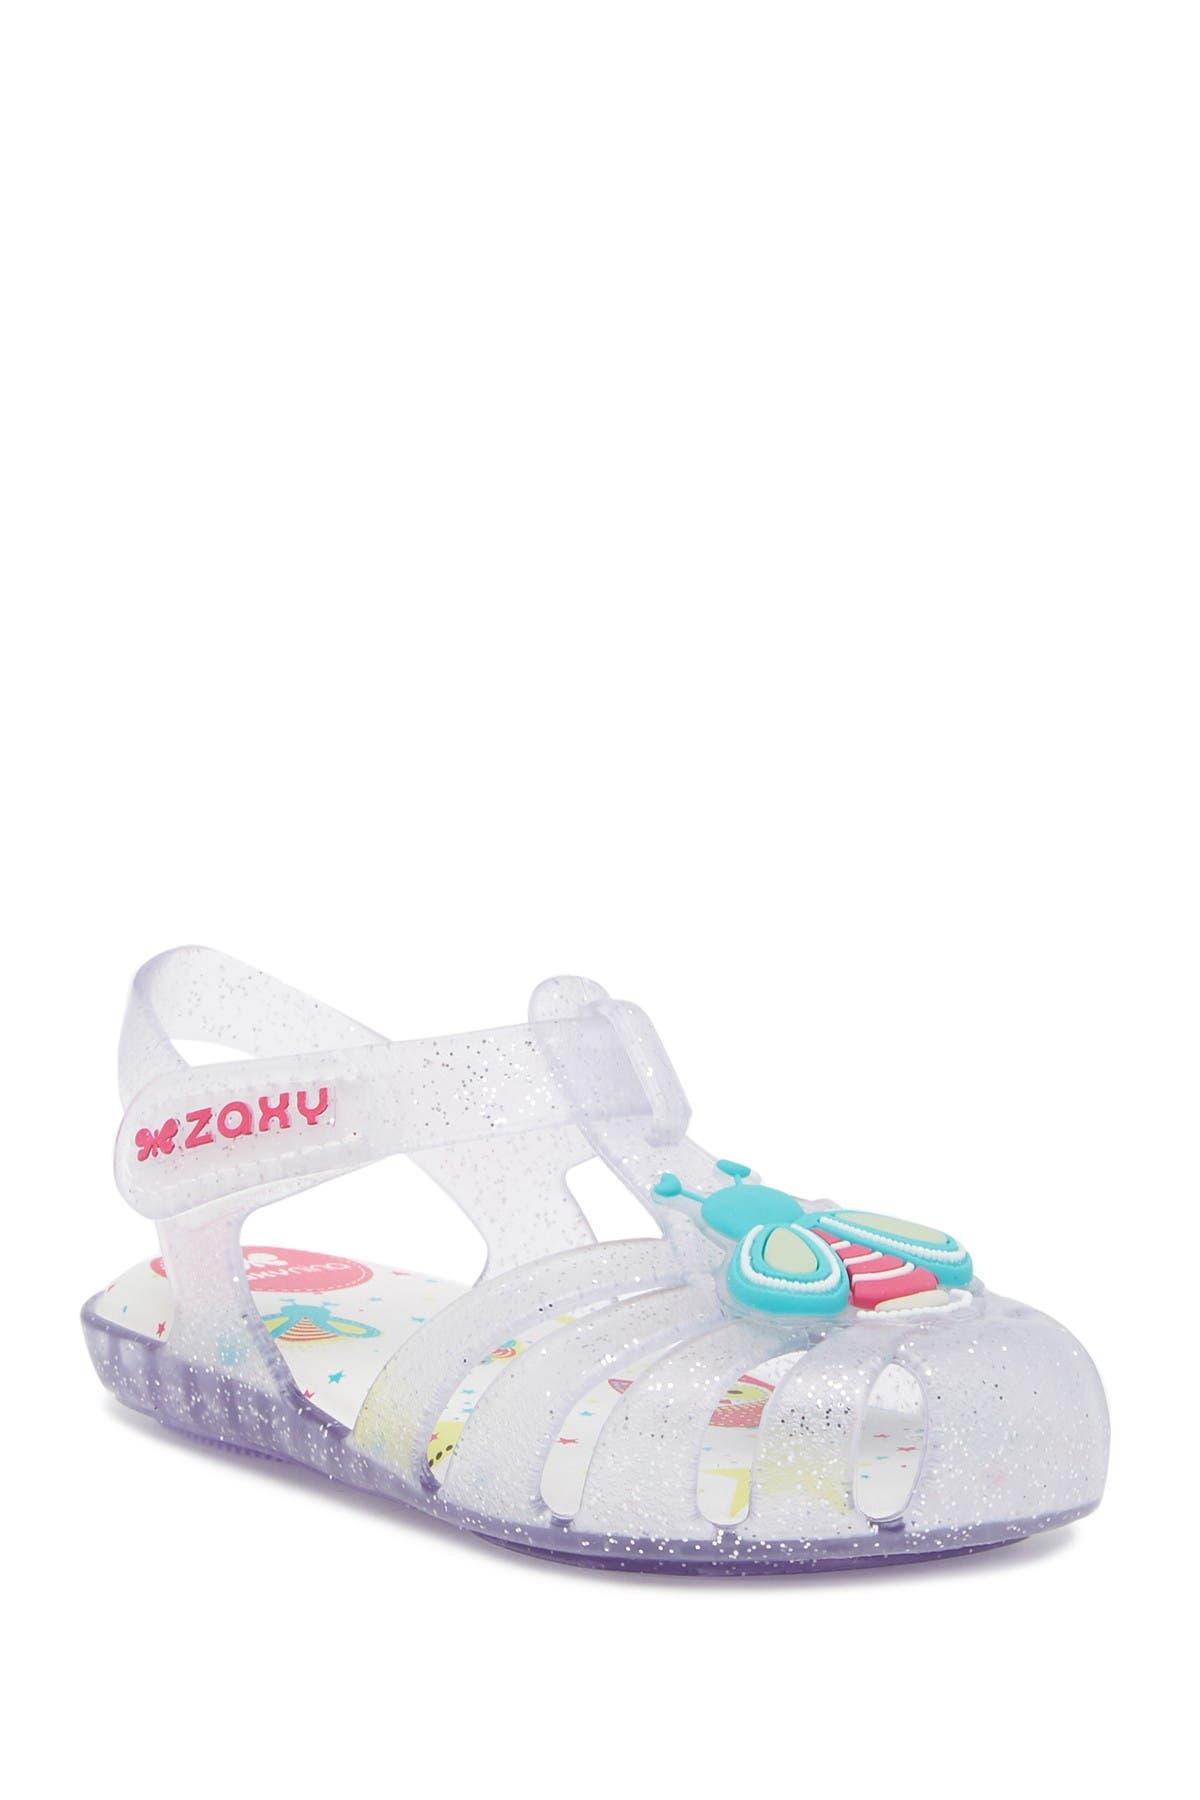 Zaxy | Glow in the Dark Sandal